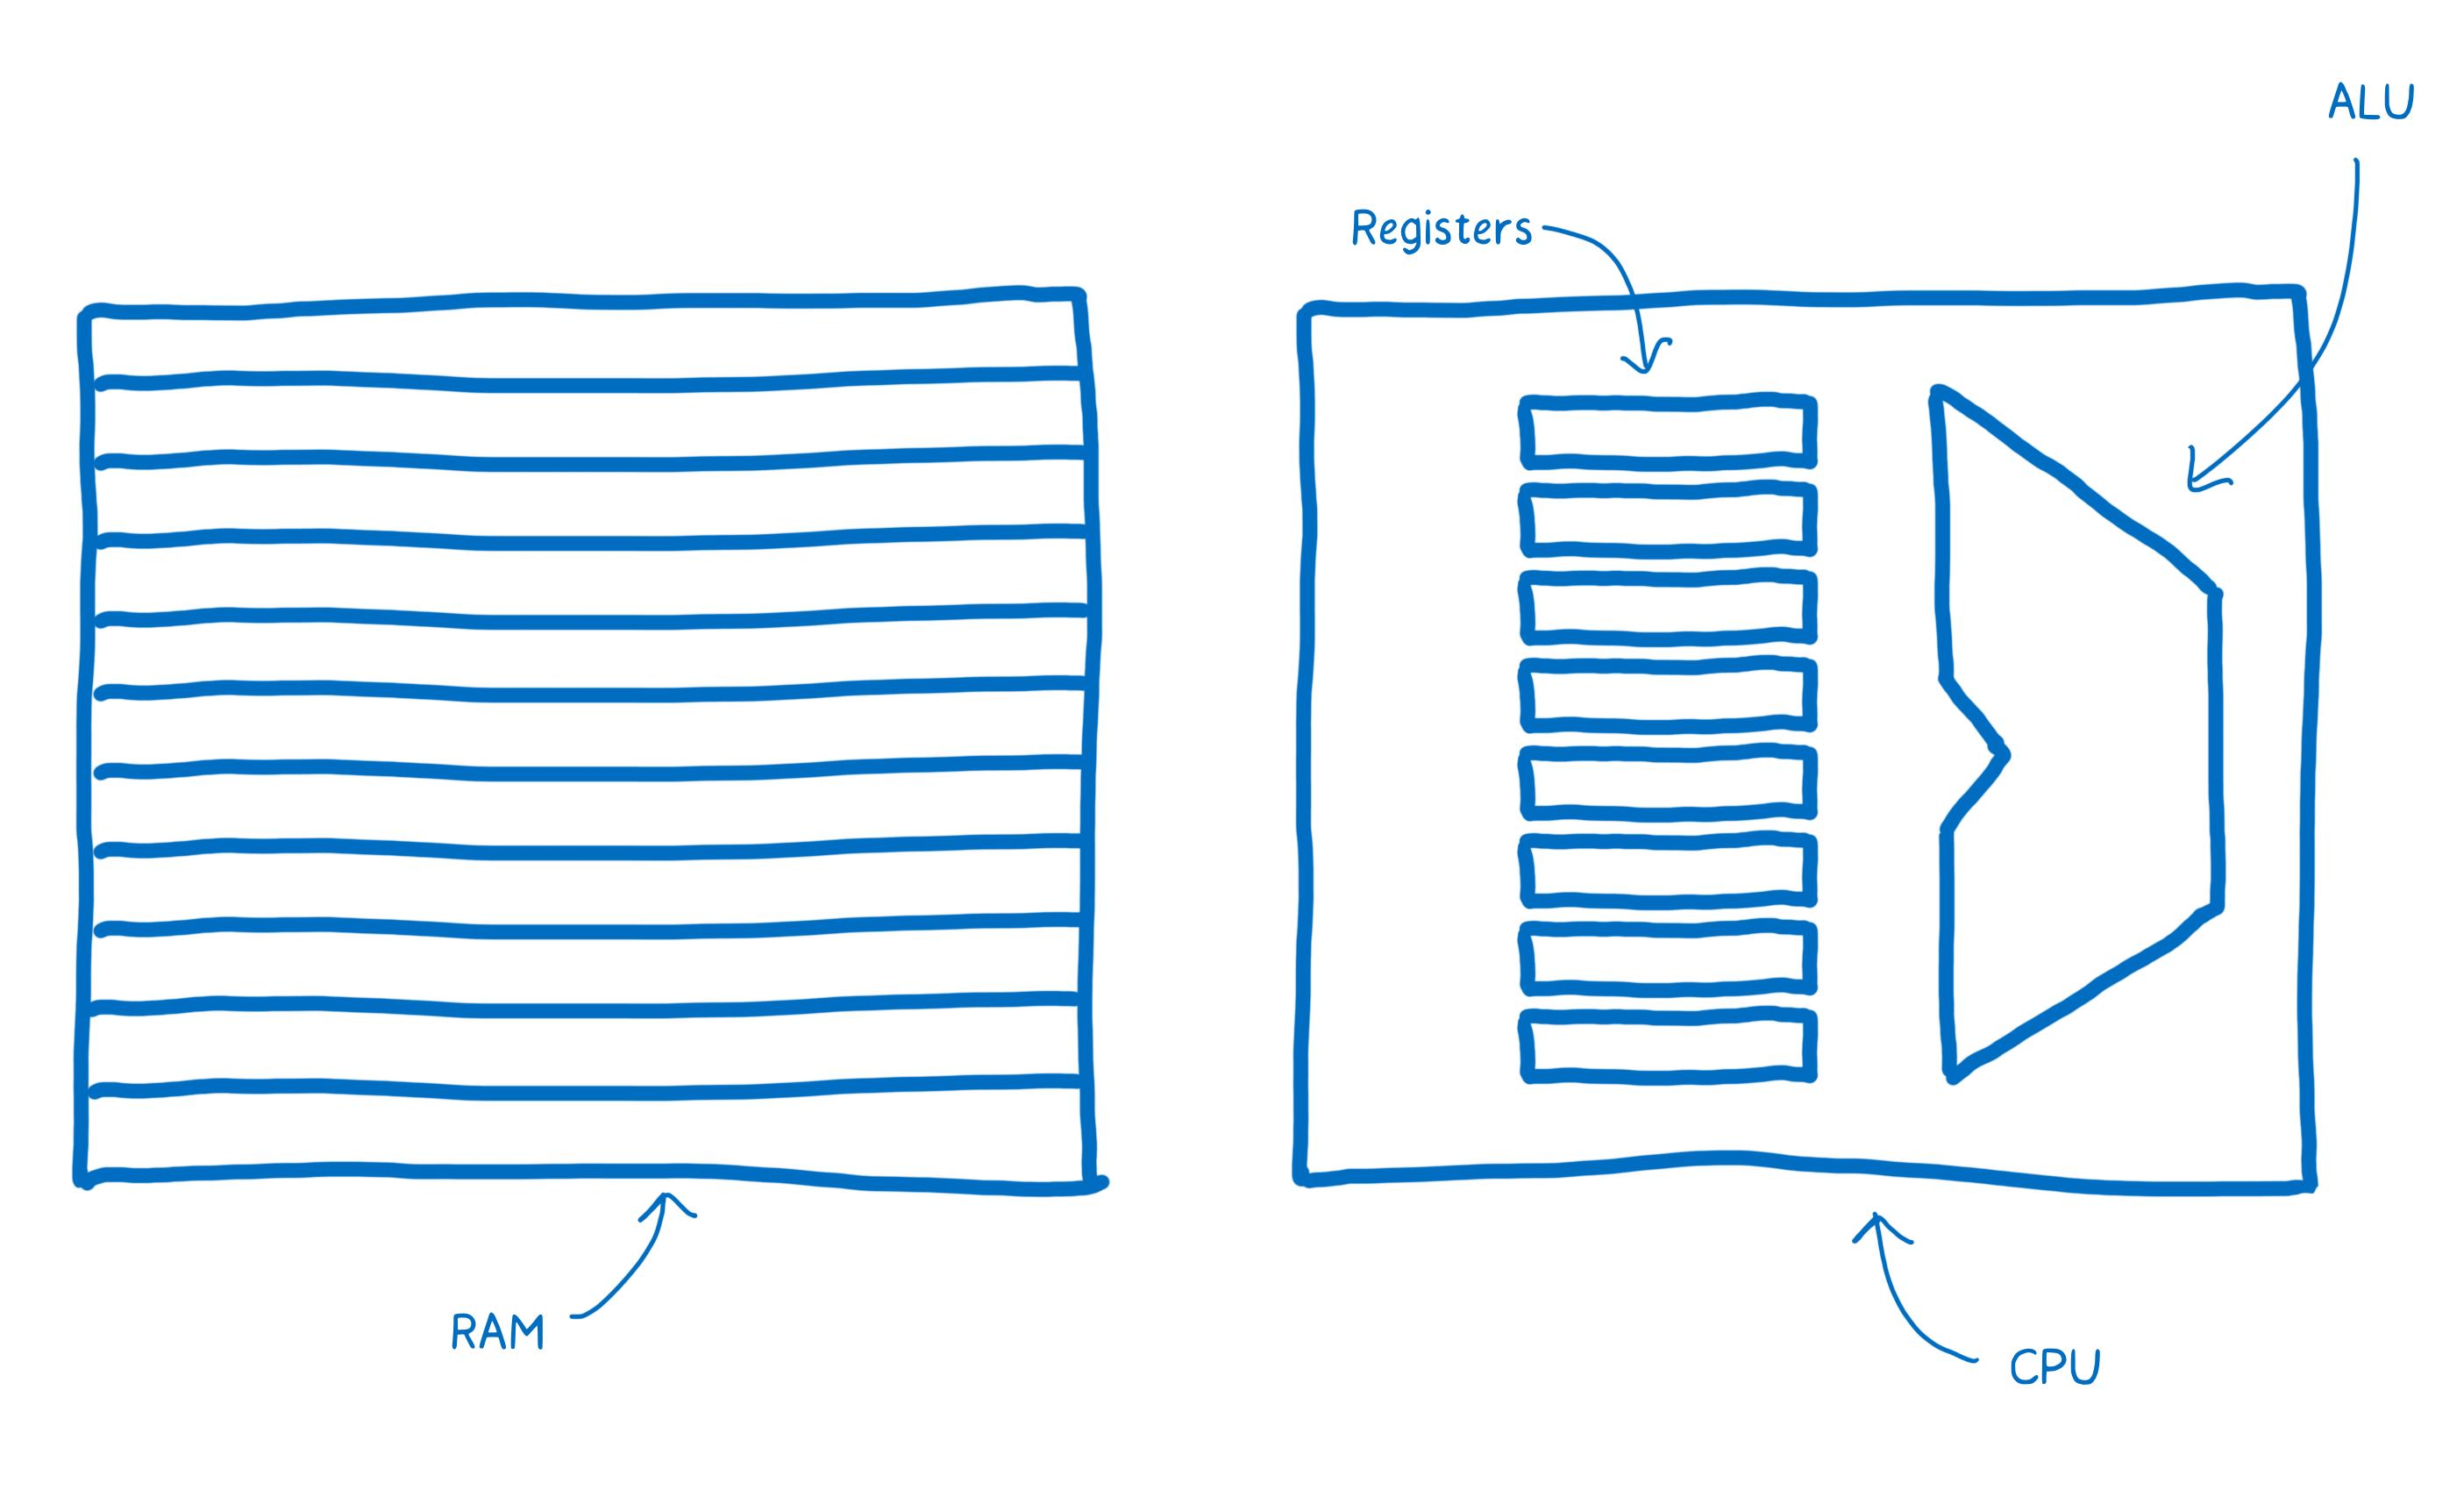 Un schéma avec la mémoire vive (RAM), les registres, le processeur (CPU) et l'AUL (ALU)